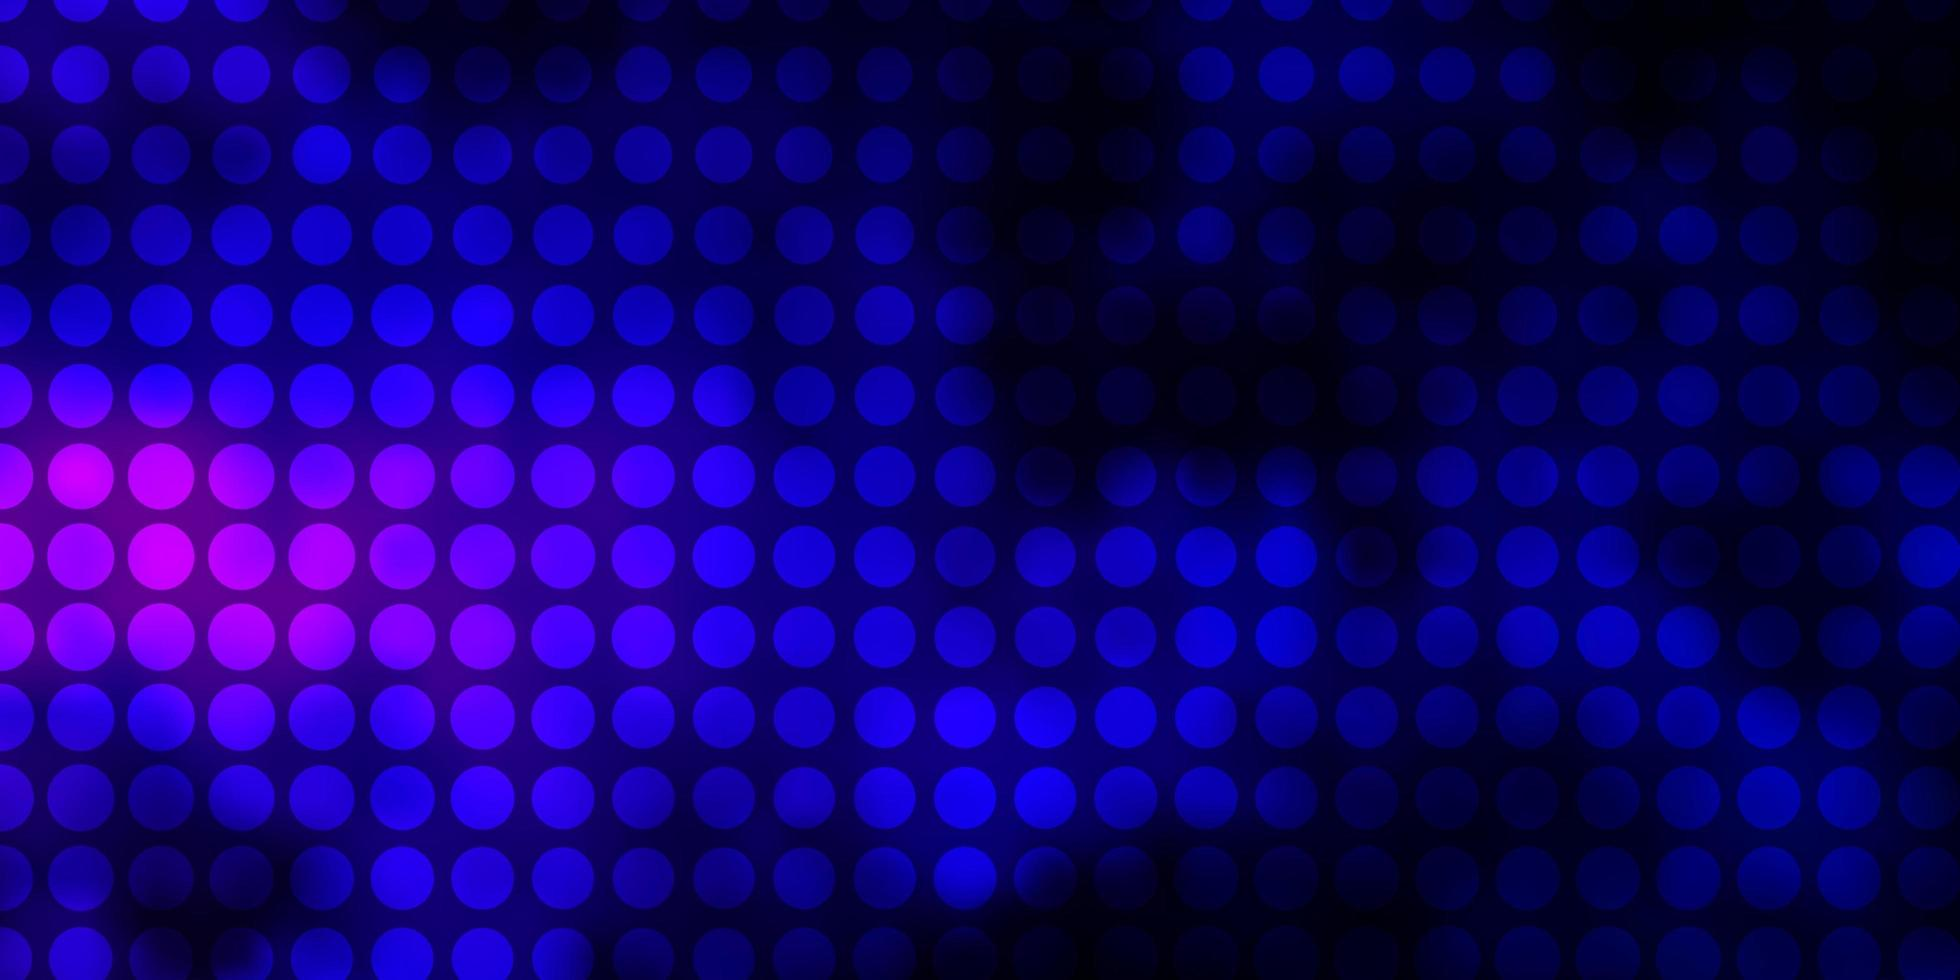 fond de vecteur rose foncé, bleu avec des cercles.